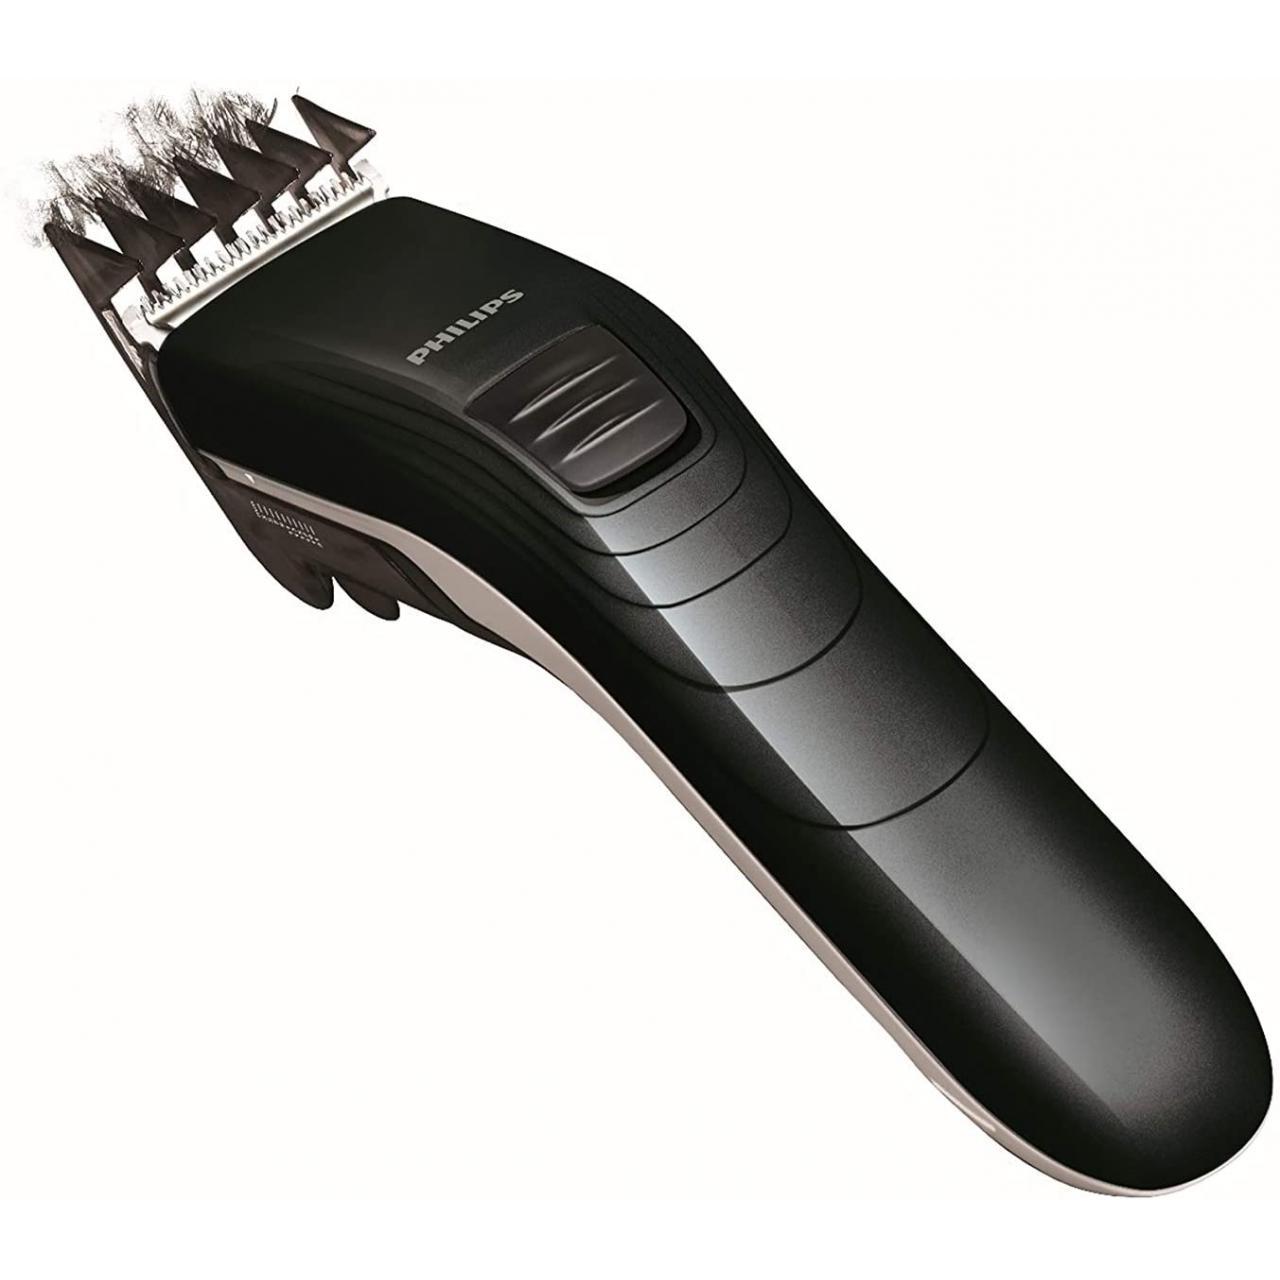 Aparat de tuns Philips QC5115/15, lame din otel inoxidabil, 10 setari de lungime, utilizare cu fir, Negru